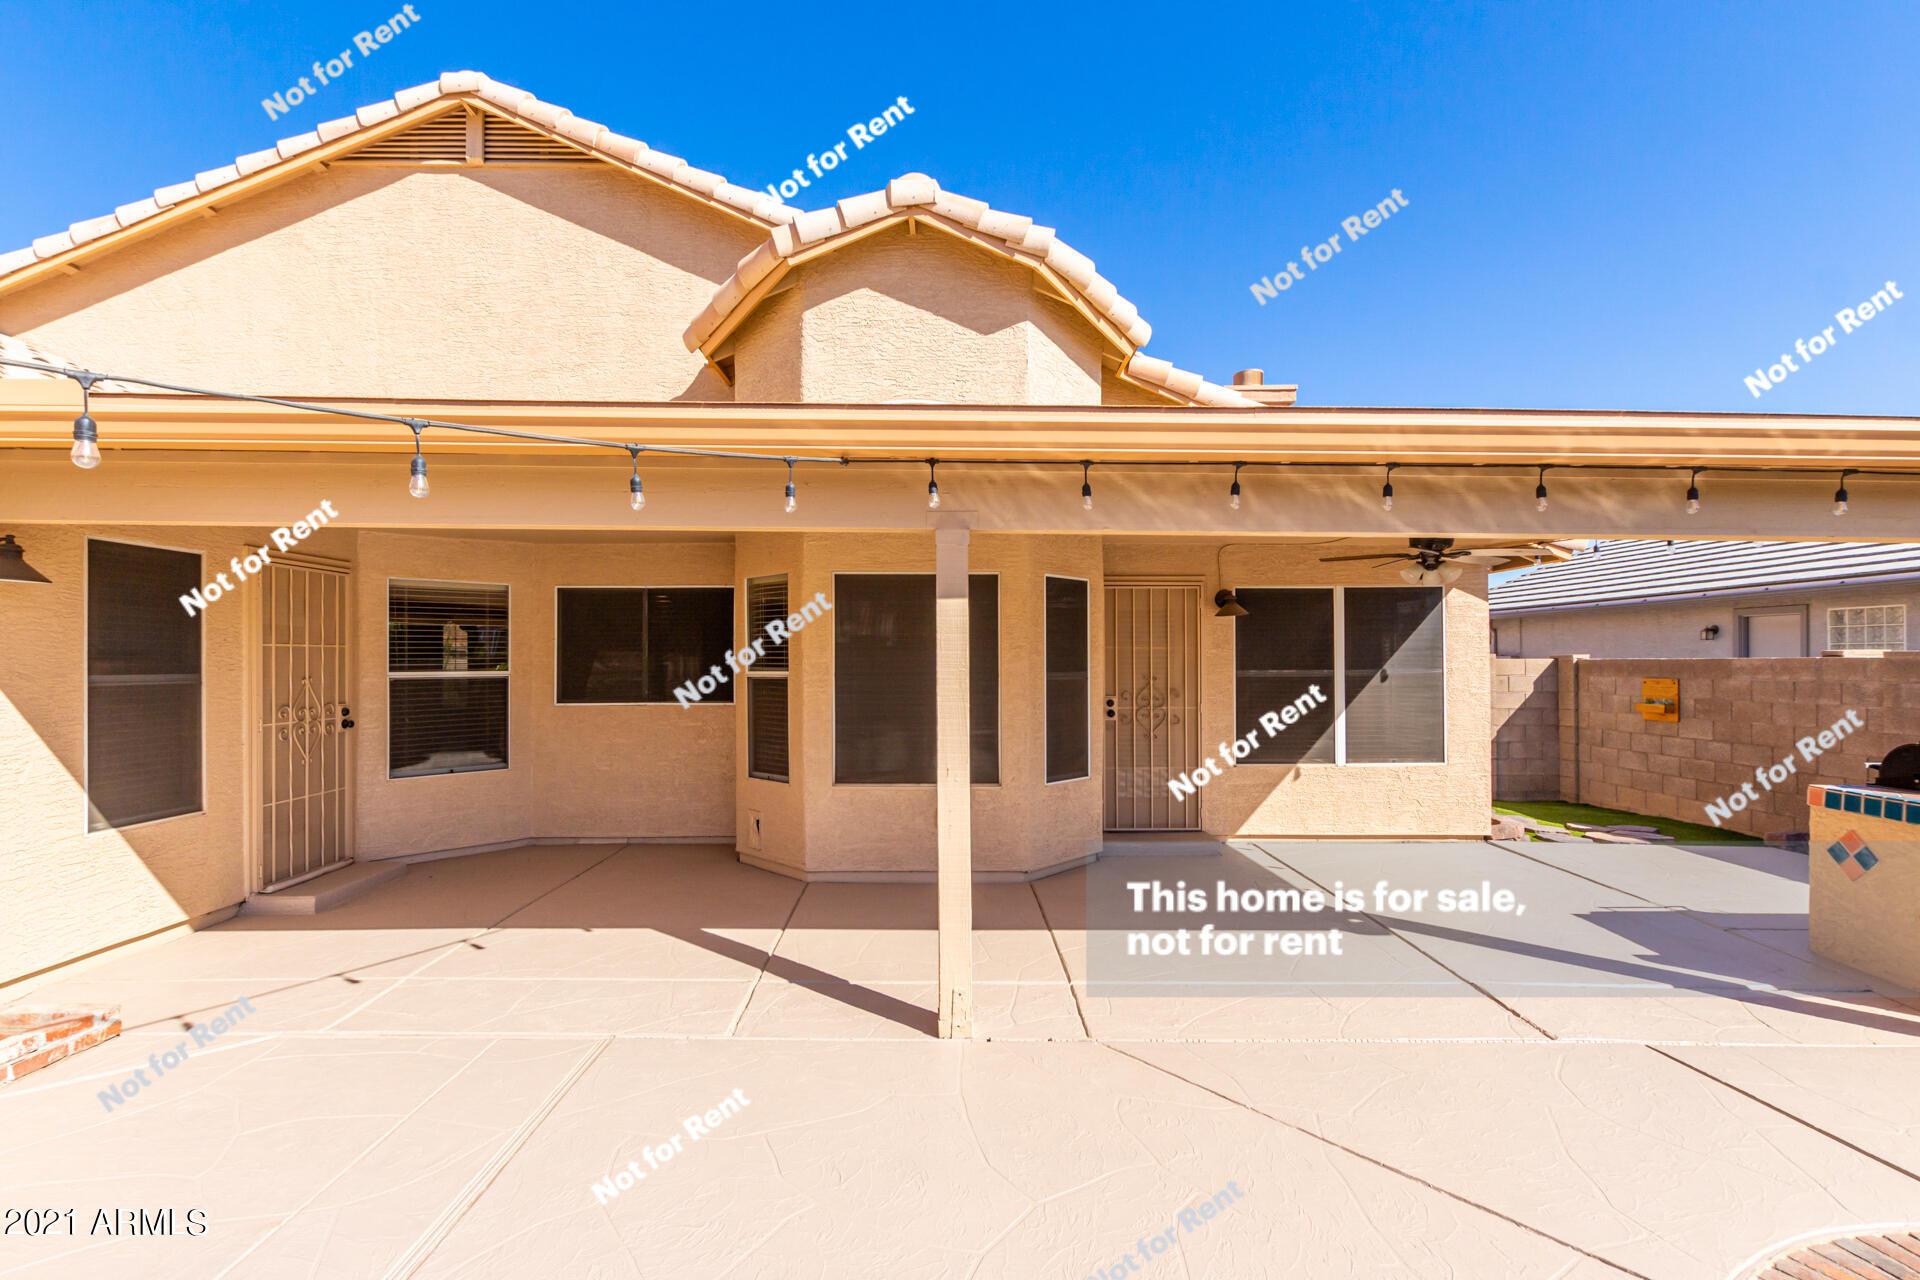 MLS 6308564 2448 S ORANGE --, Mesa, AZ 85210 West Mesa